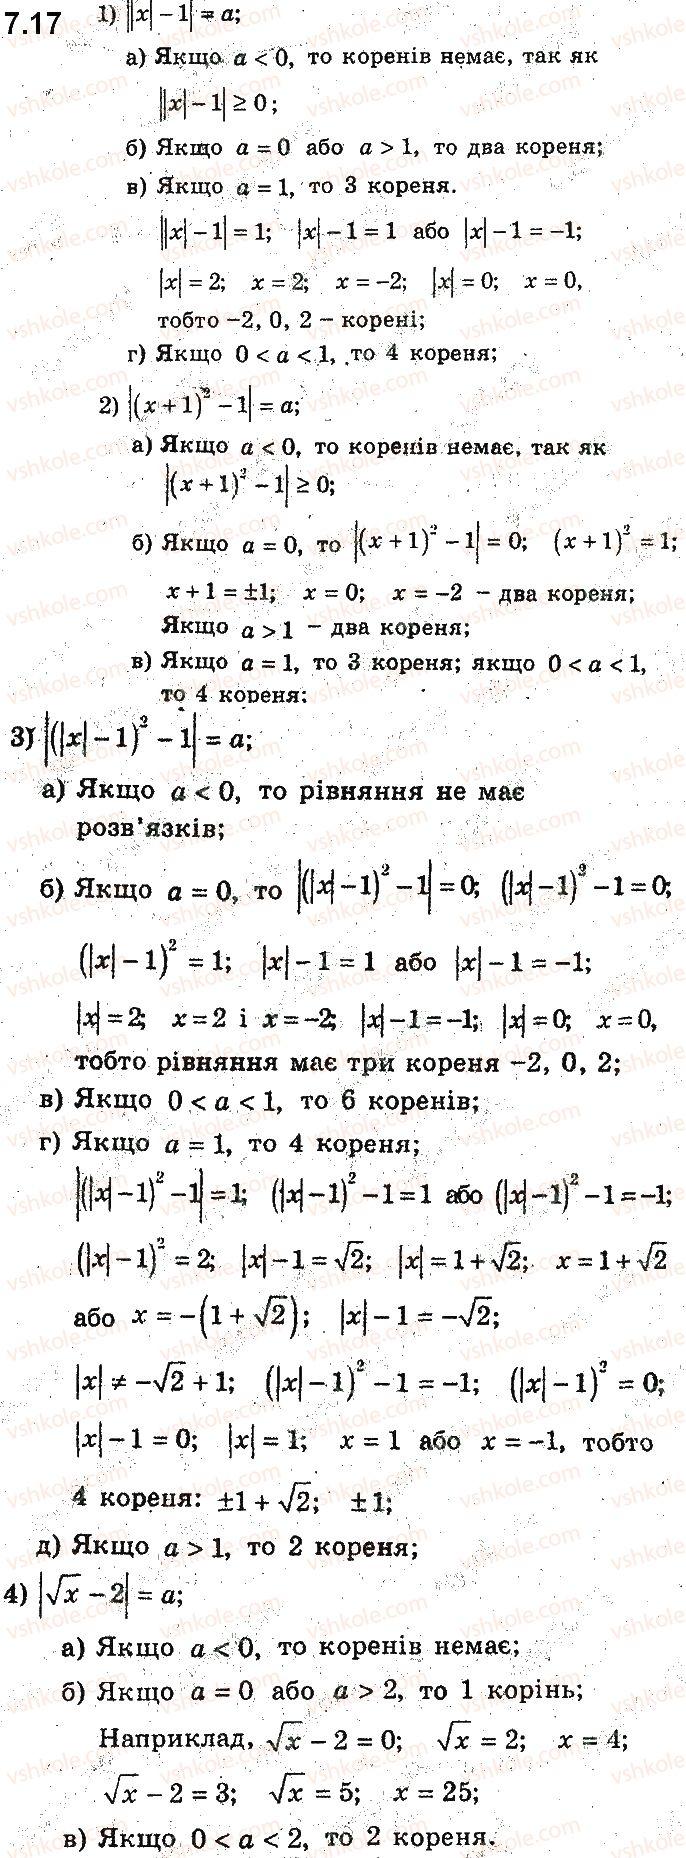 9-algebra-ag-merzlyak-vb-polonskij-ms-yakir-2017-pogliblene-vivchennya--2-kvadratichna-funktsiya-7-yak-pobuduvati-grafiki-funktsij-y-fx-i-y-fx-yakscho-vidomo-grafik-funktsiyi-y-fx-17.jpg